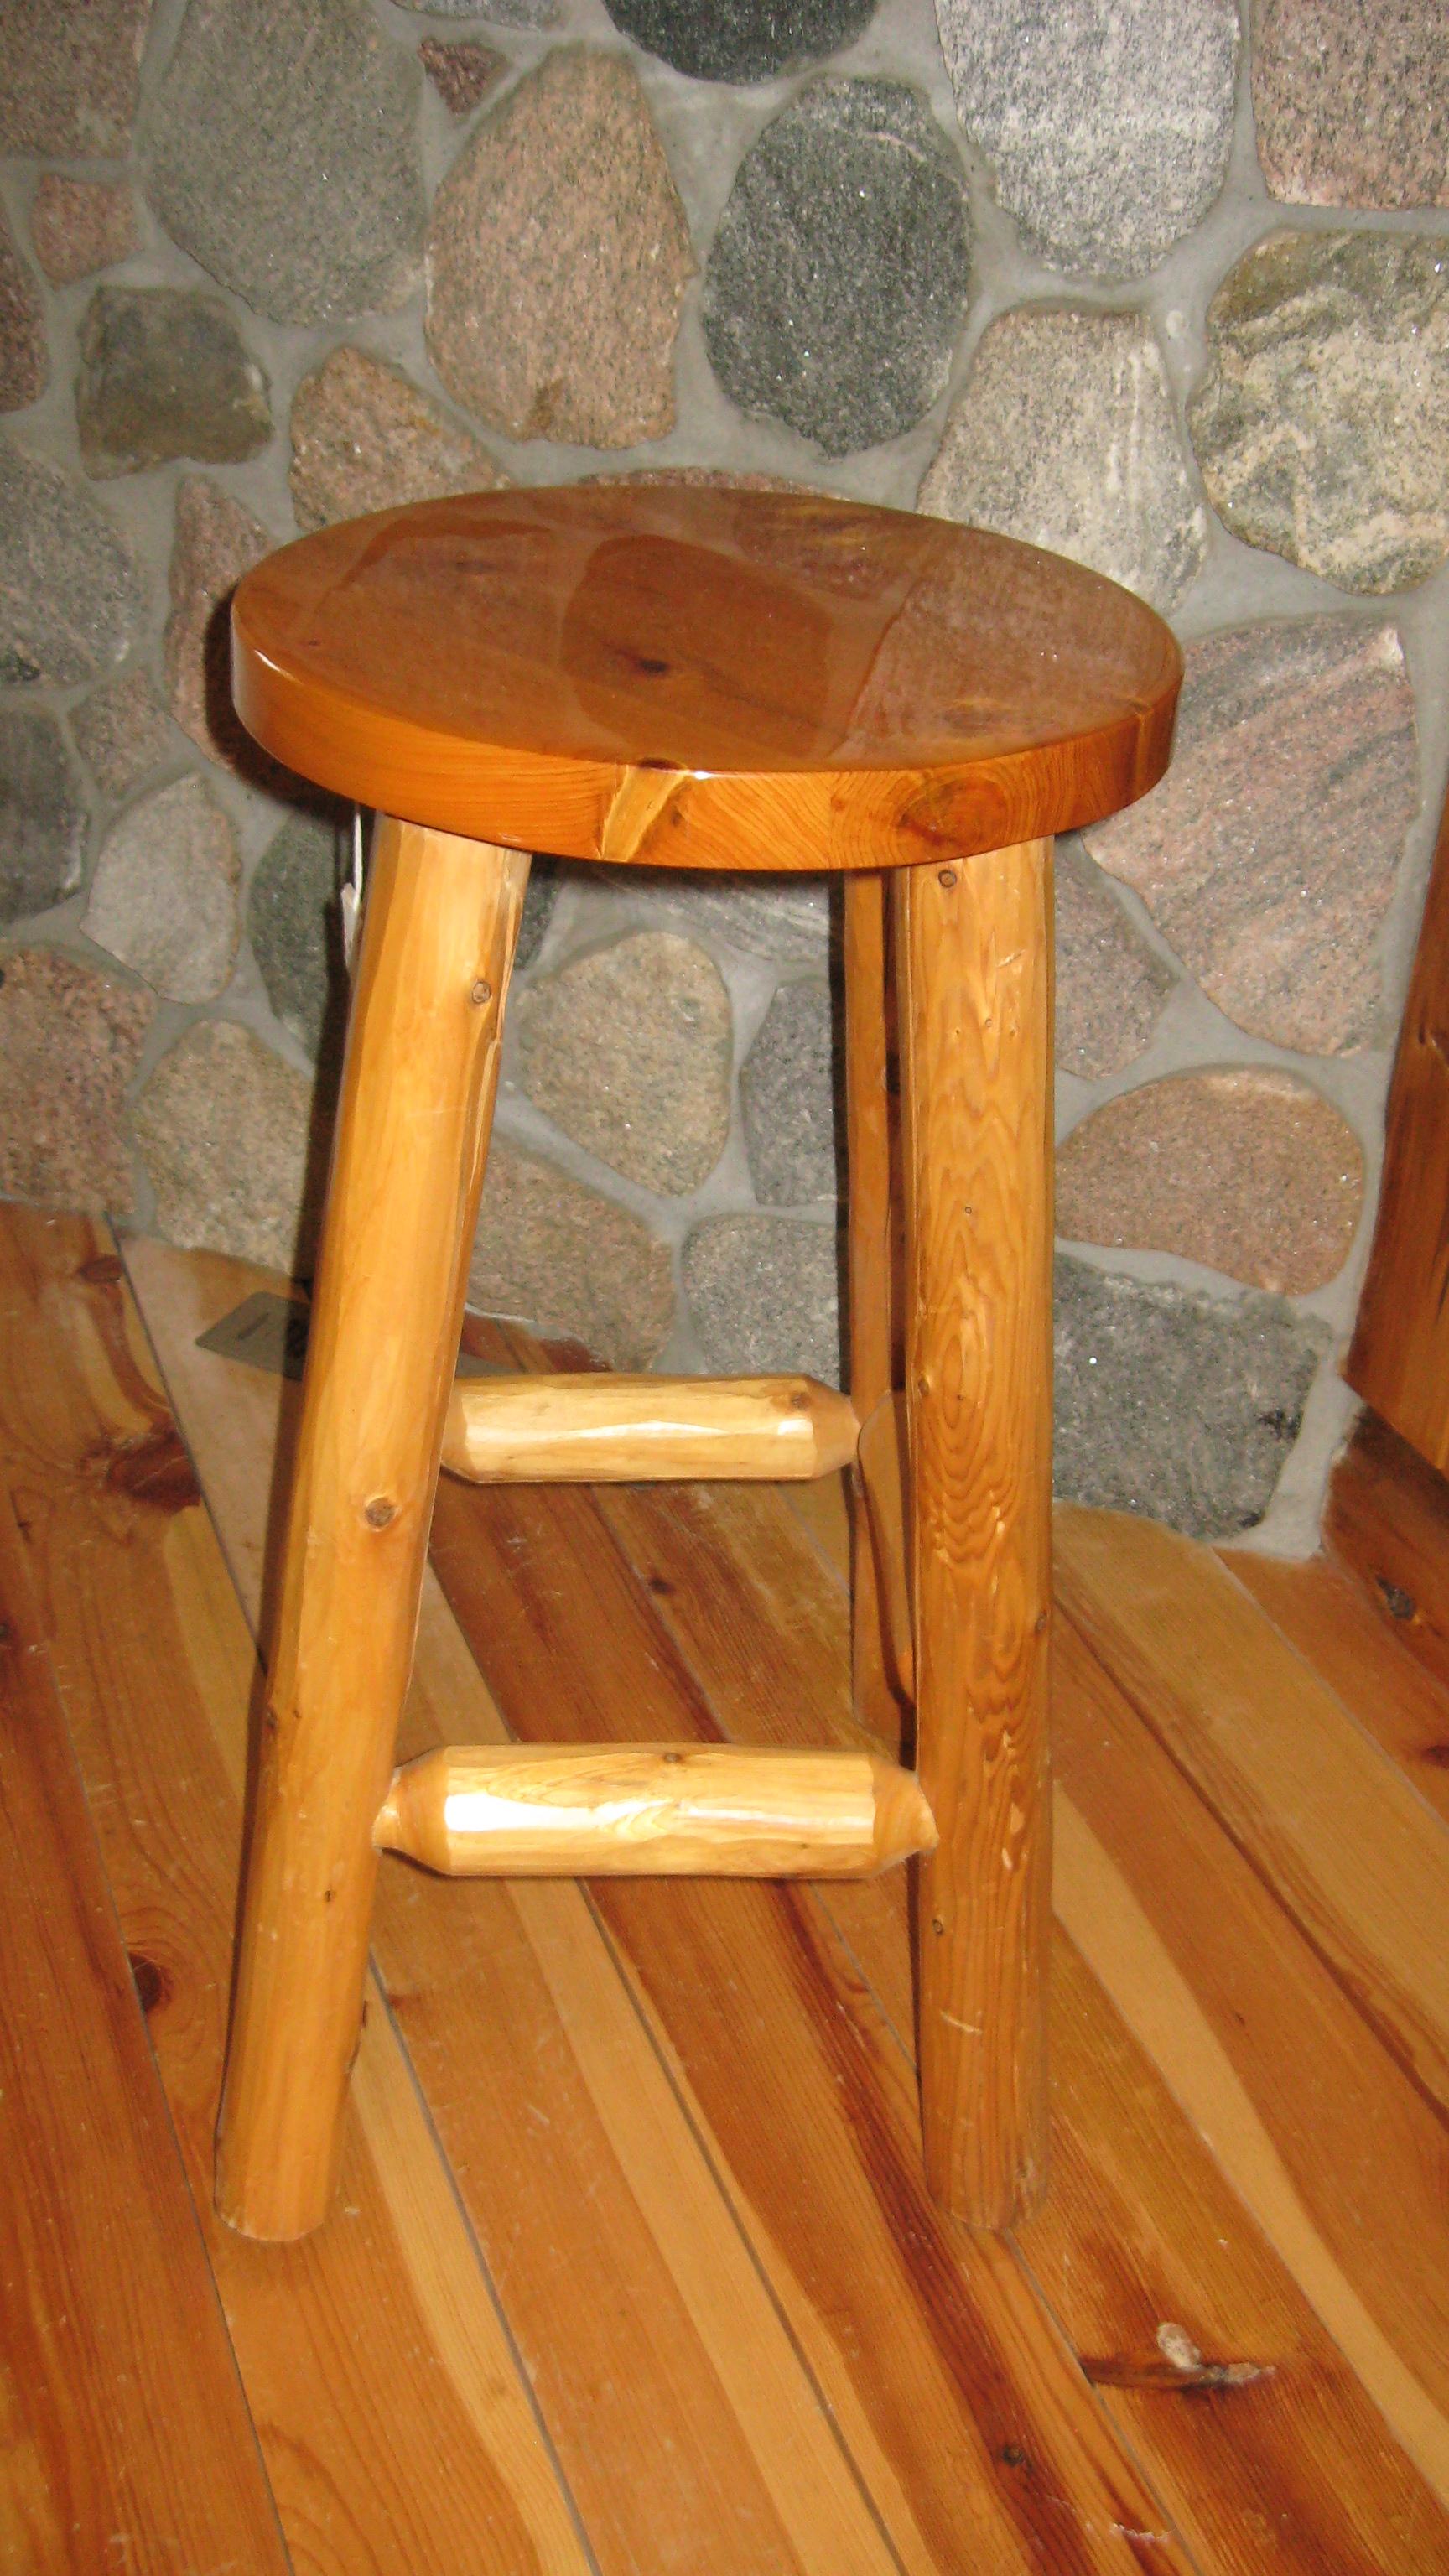 Cedar Bar Stool W Hewn Log Legs Rustic Cabin Shop